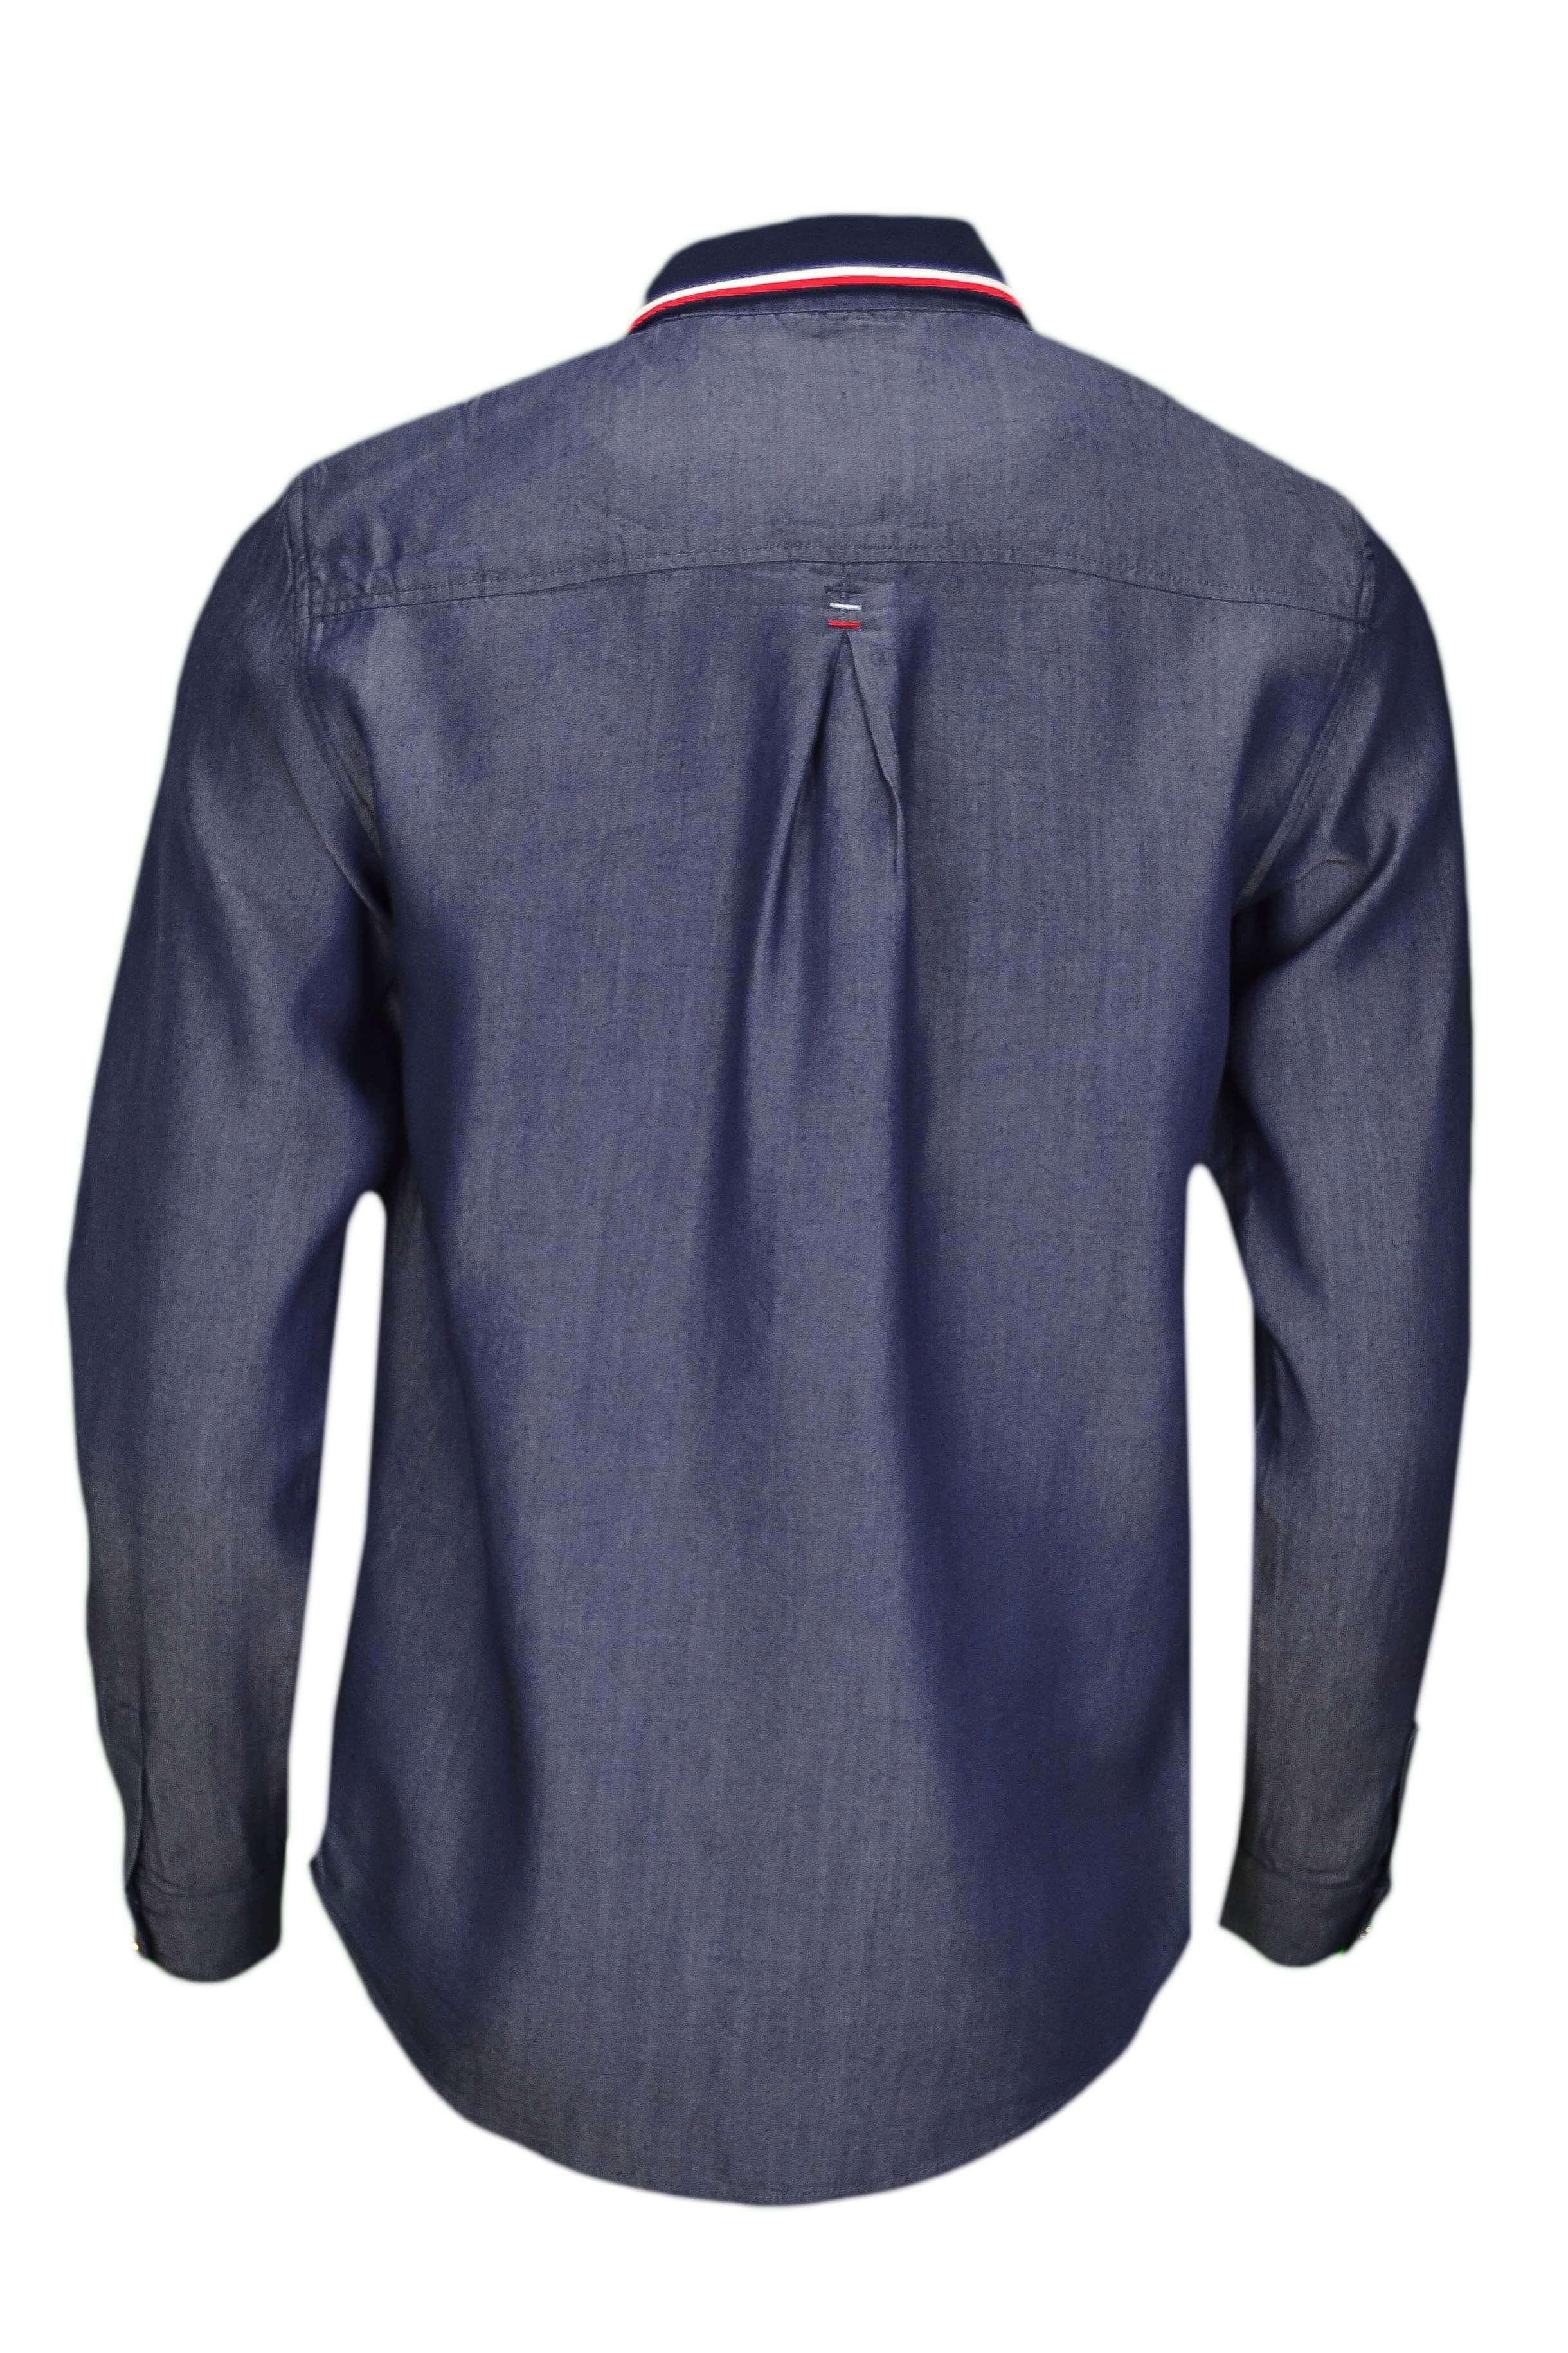 0e5fc1f09b48 Chemise Tommy Hilfiger Céline bleu jean pour femme - Toujours au me...